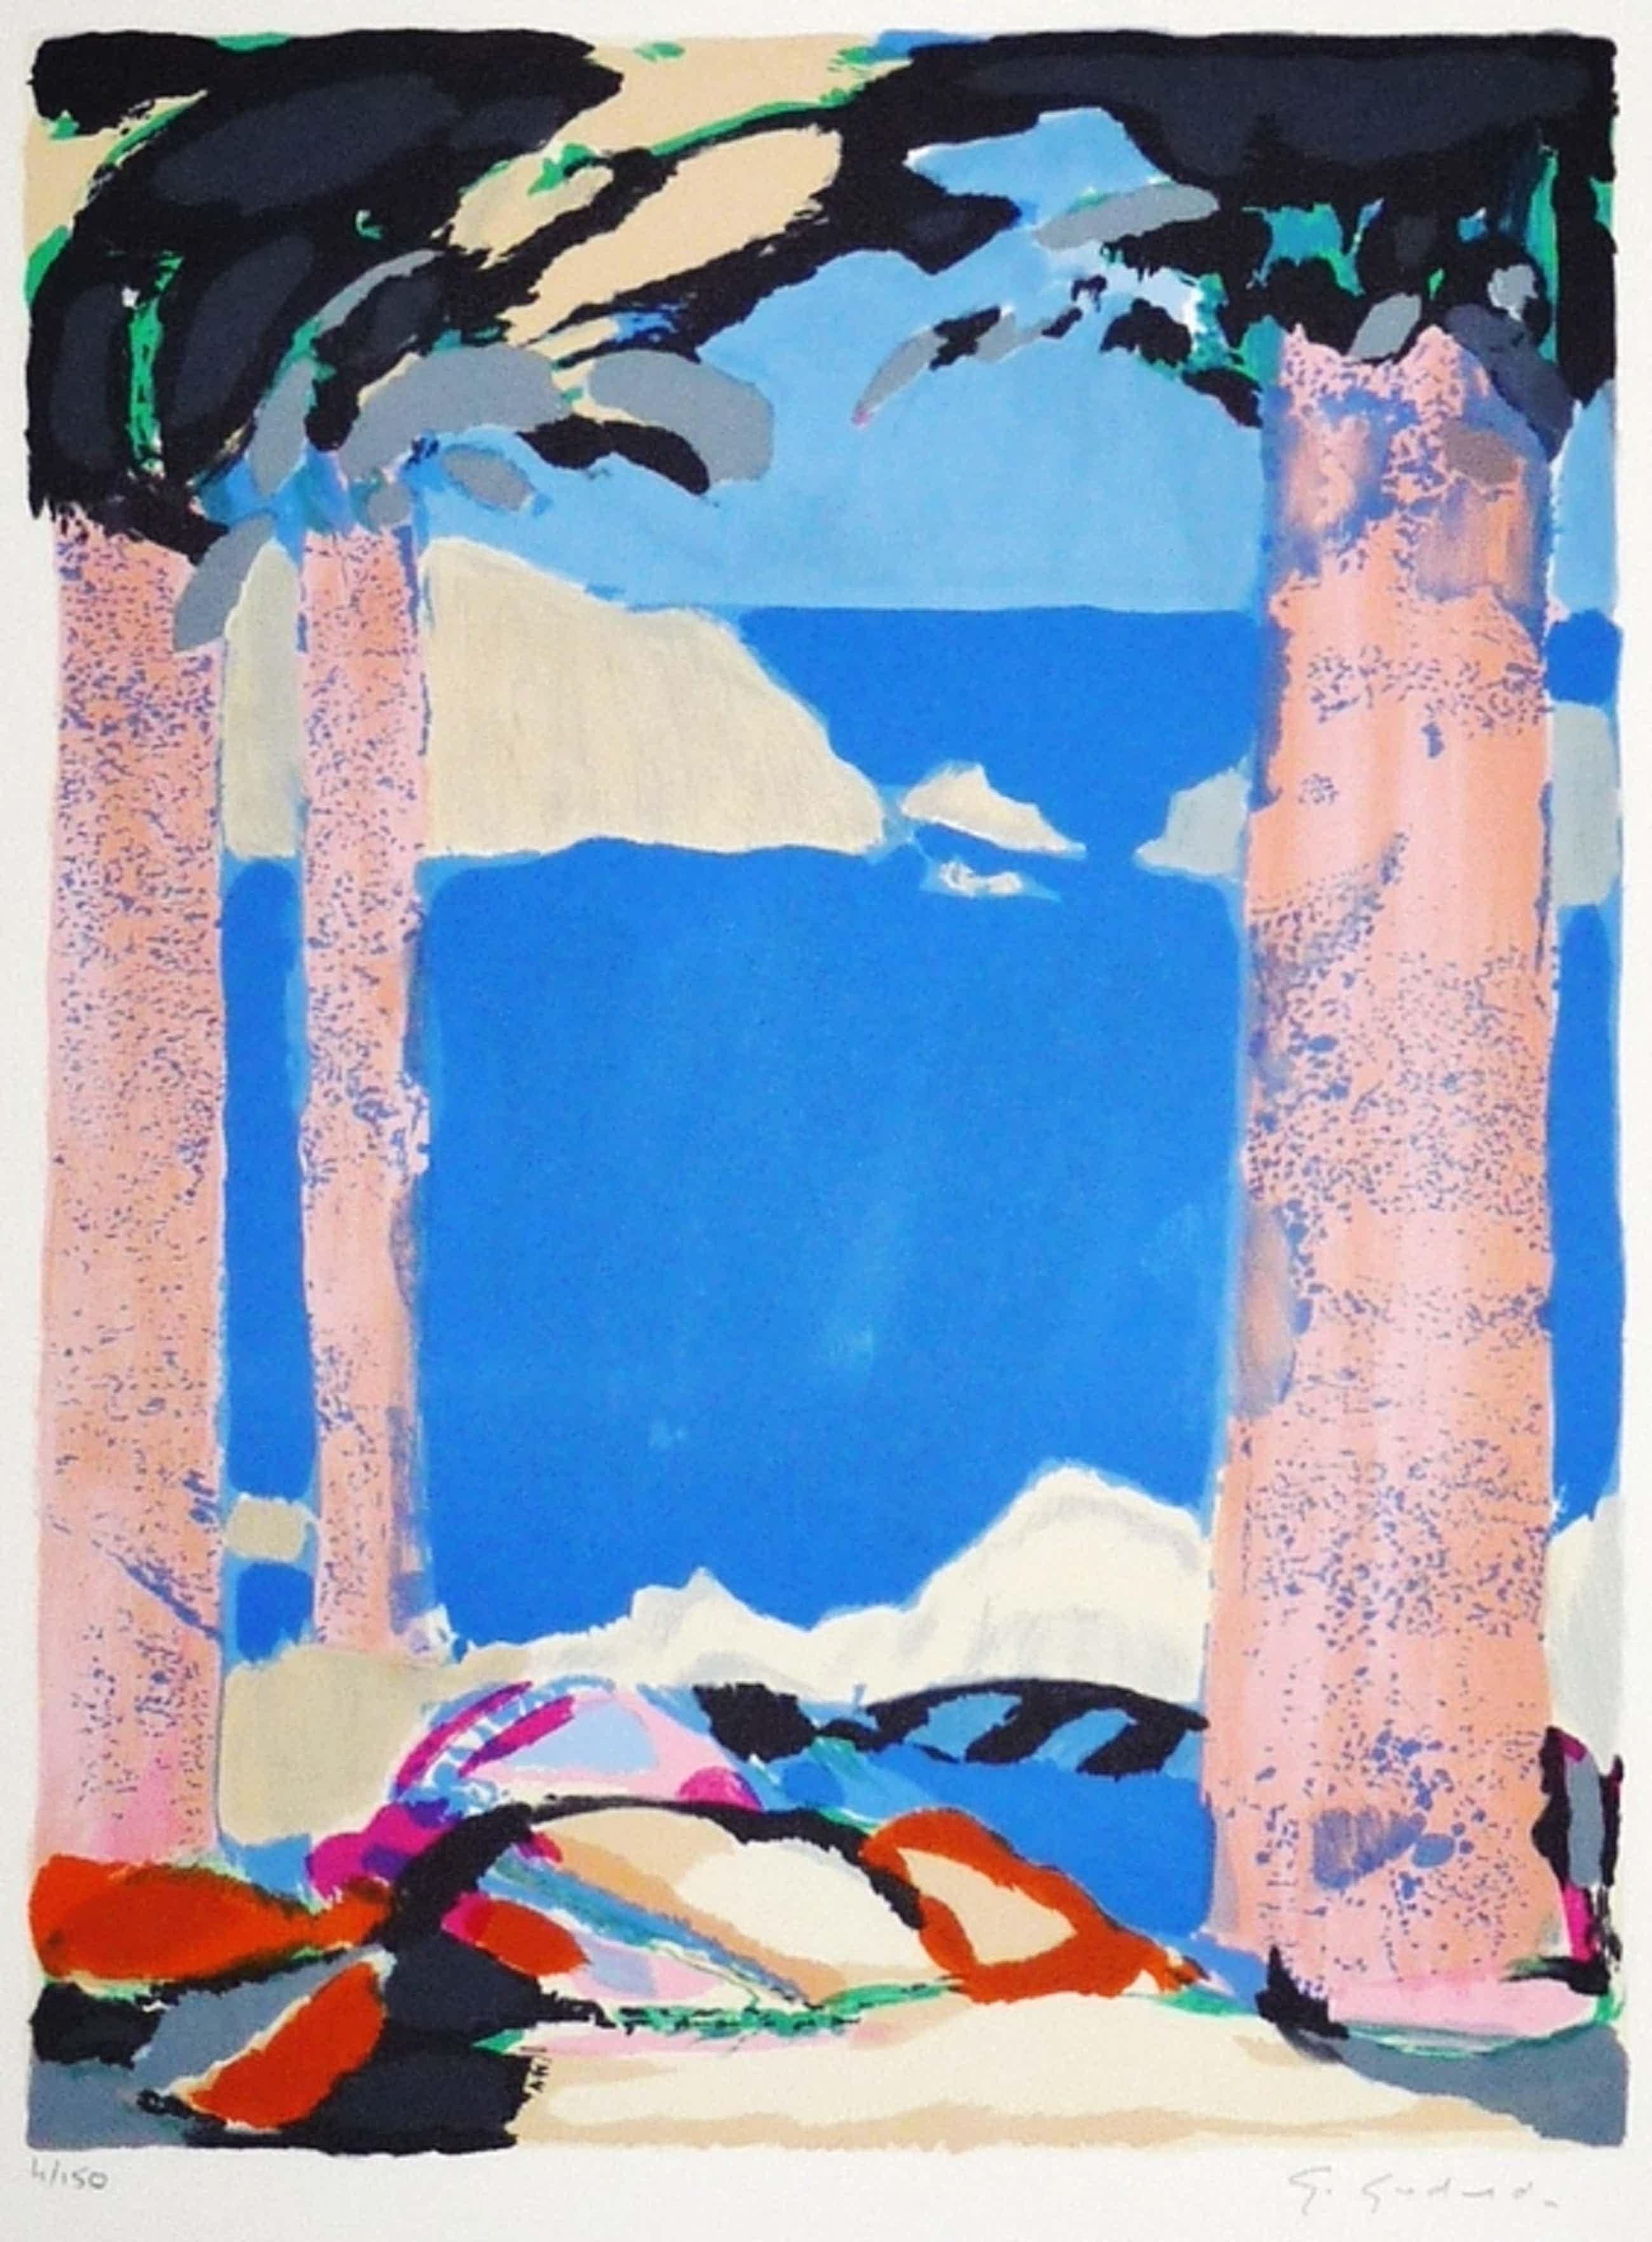 Gabriël Godard: Kleurenlitho, Kustgezicht met bomen, Gesigneerd kopen? Bied vanaf 75!